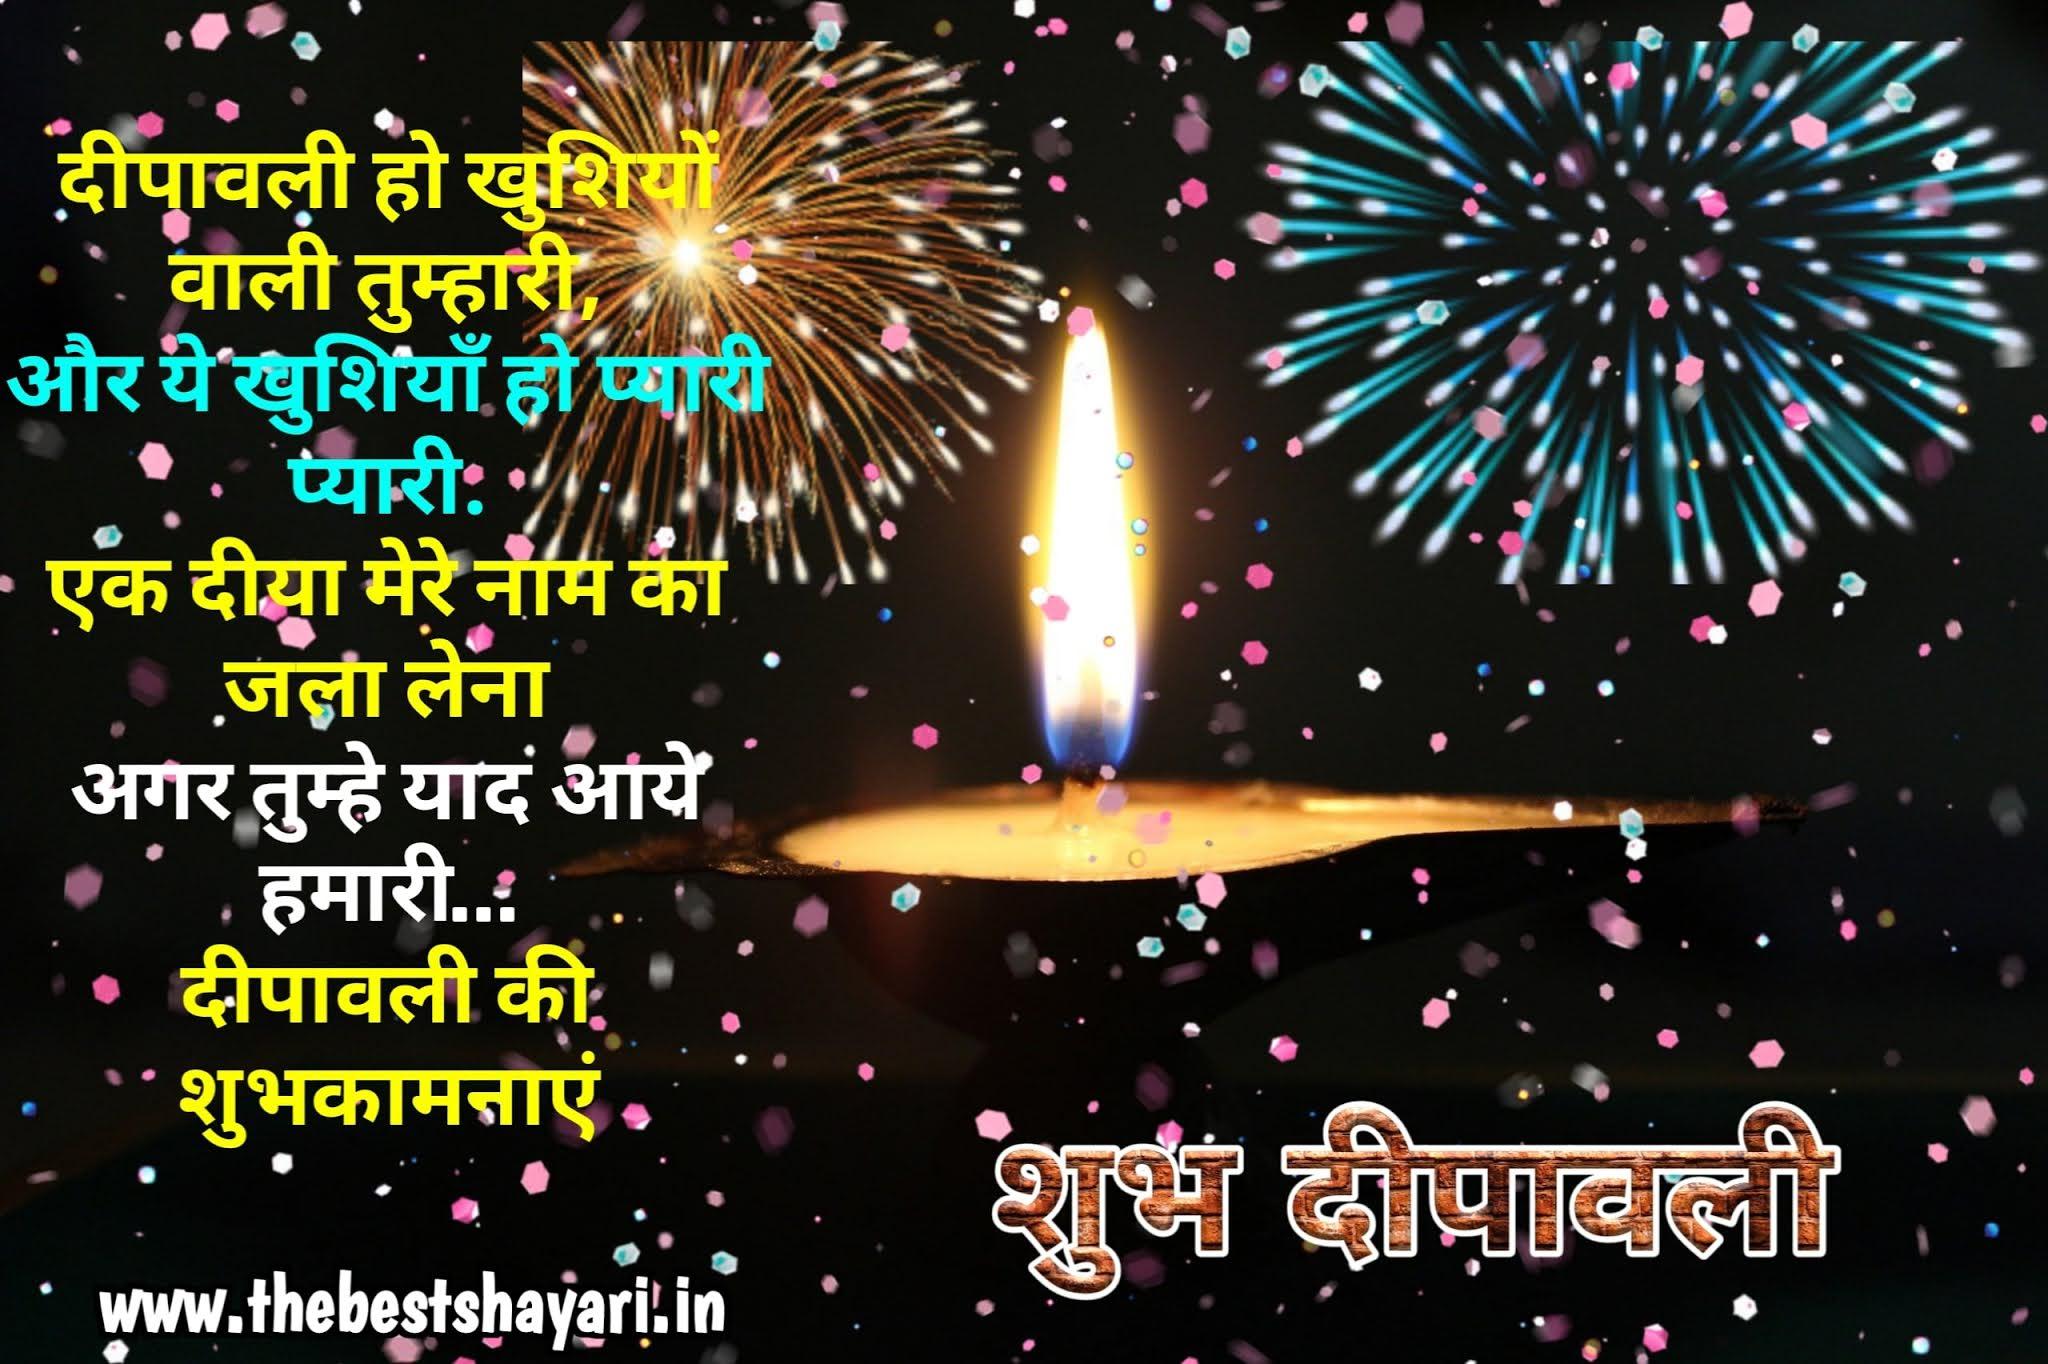 wish on diwali in hindi